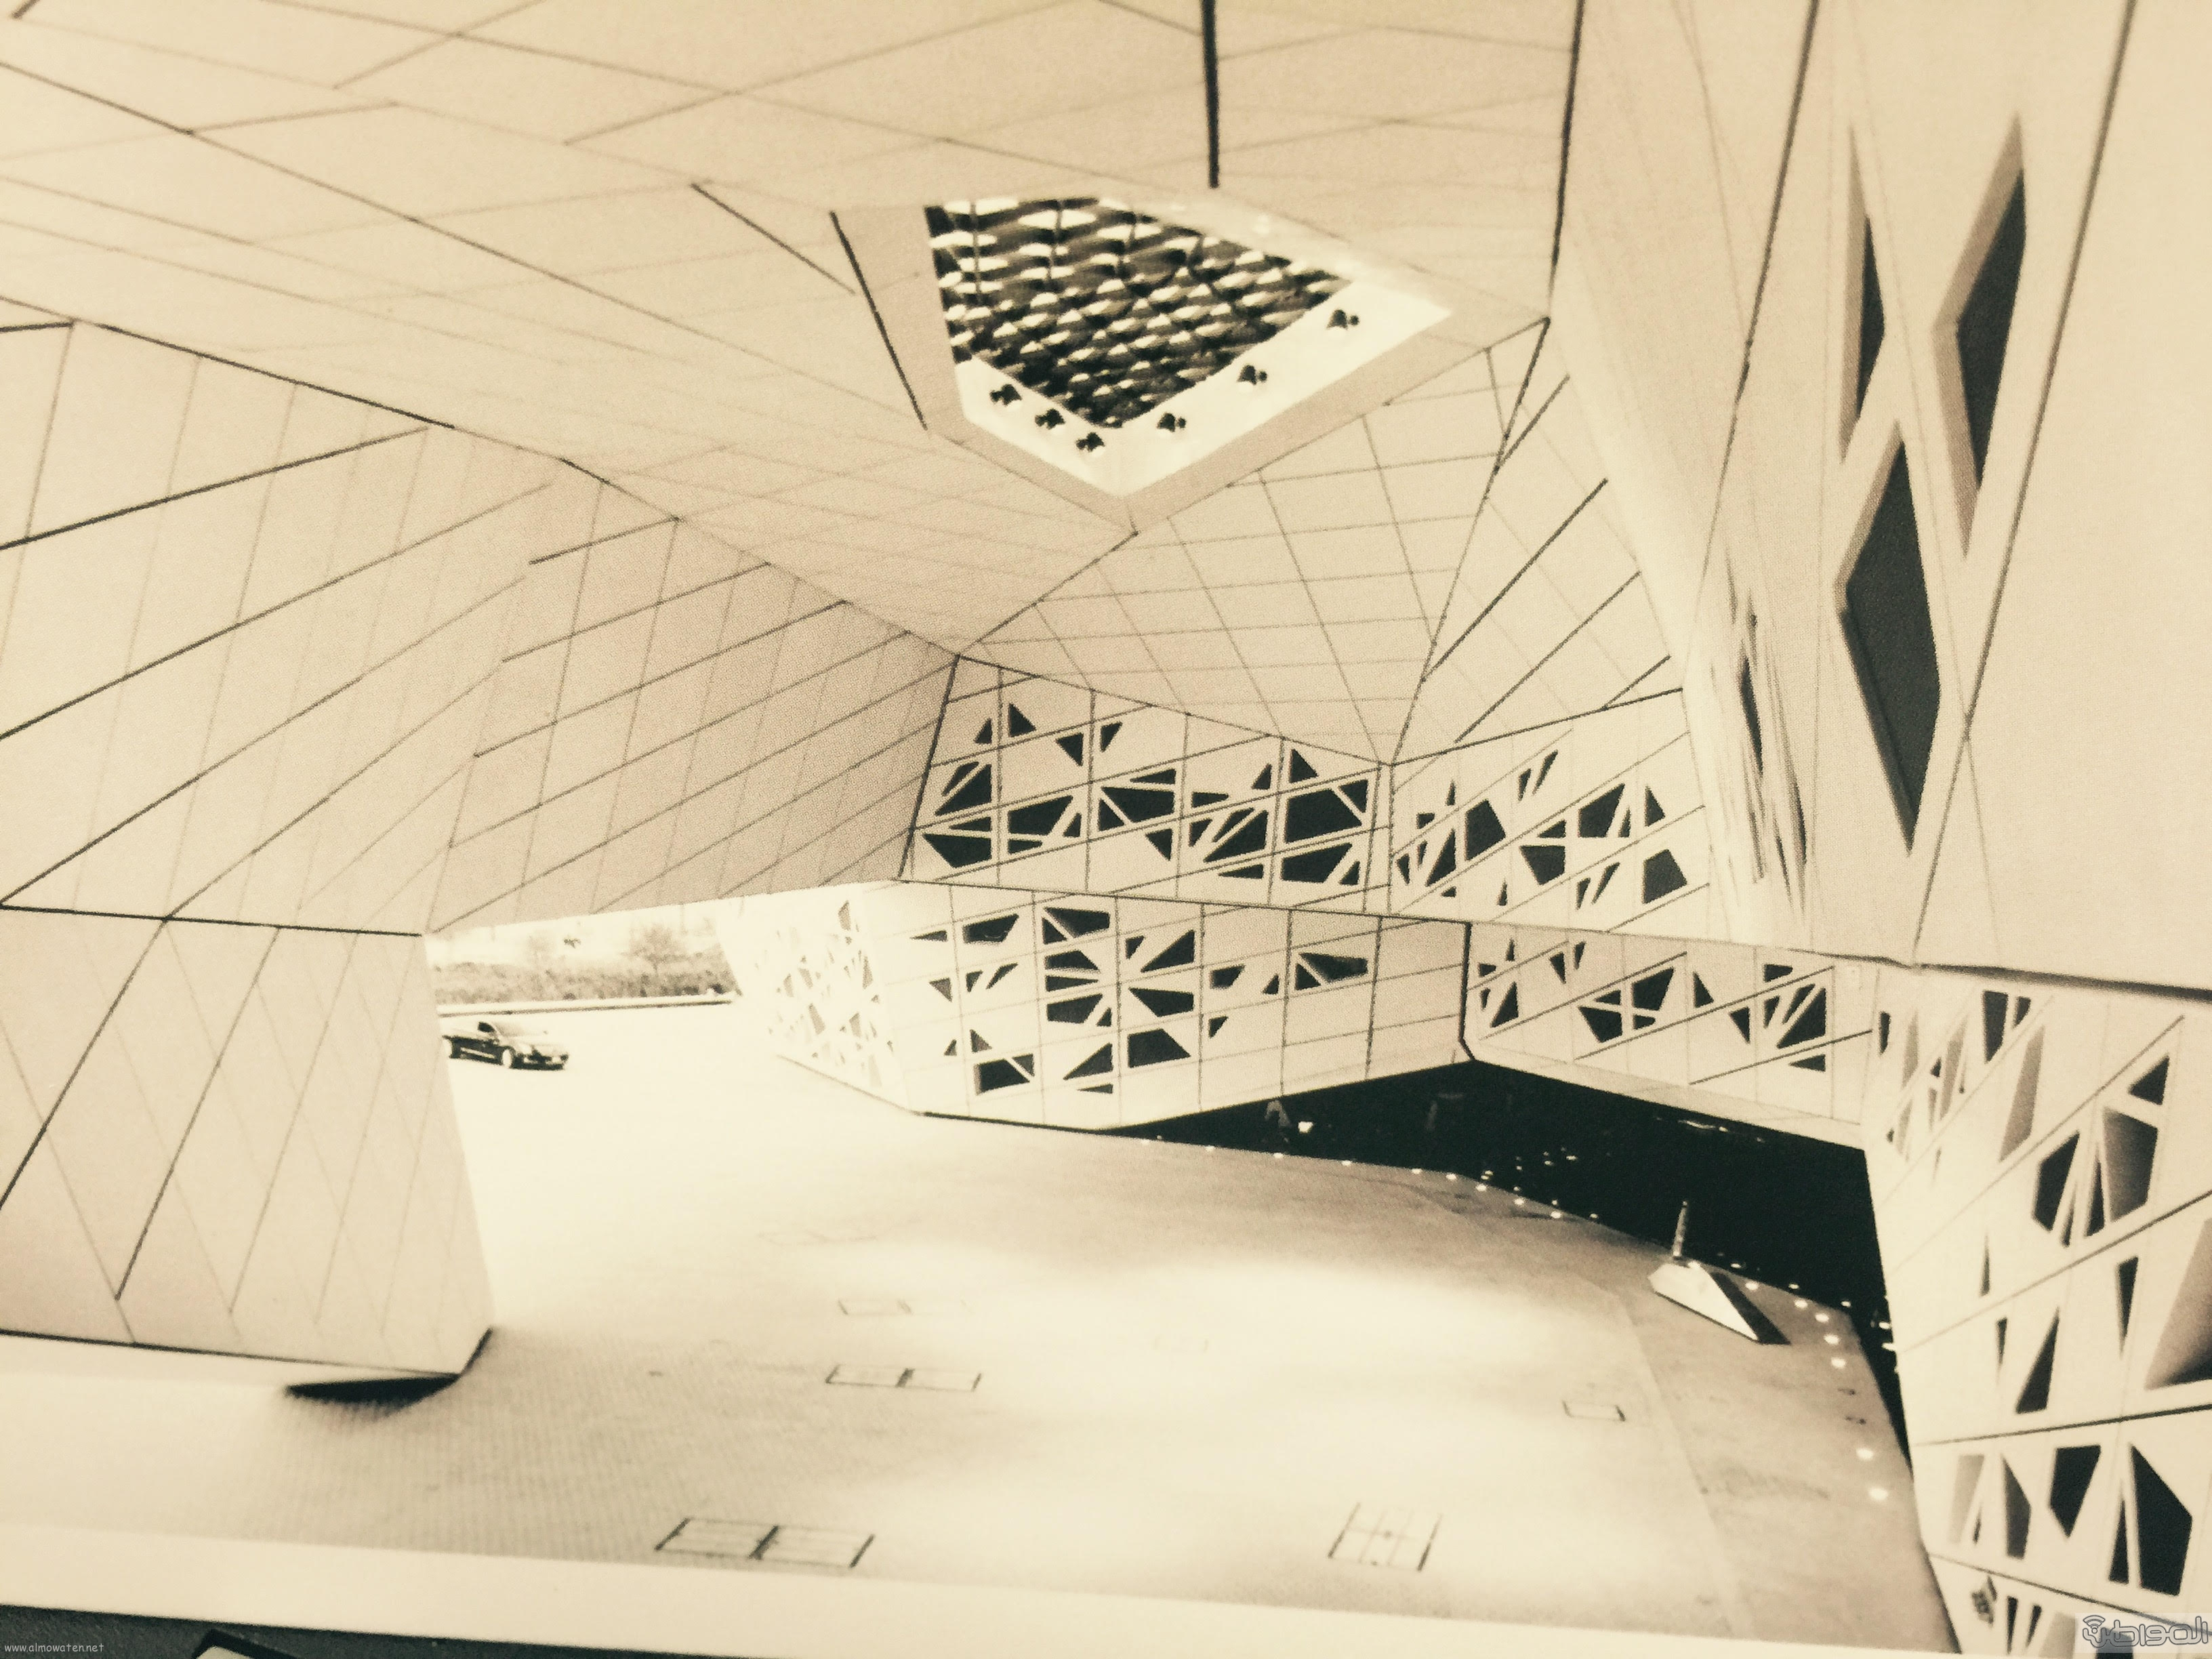 لقطات لمركز الملك عبدالله للدراسات والبحوث البترولية المرتقب افتتاحه اليوم (3)